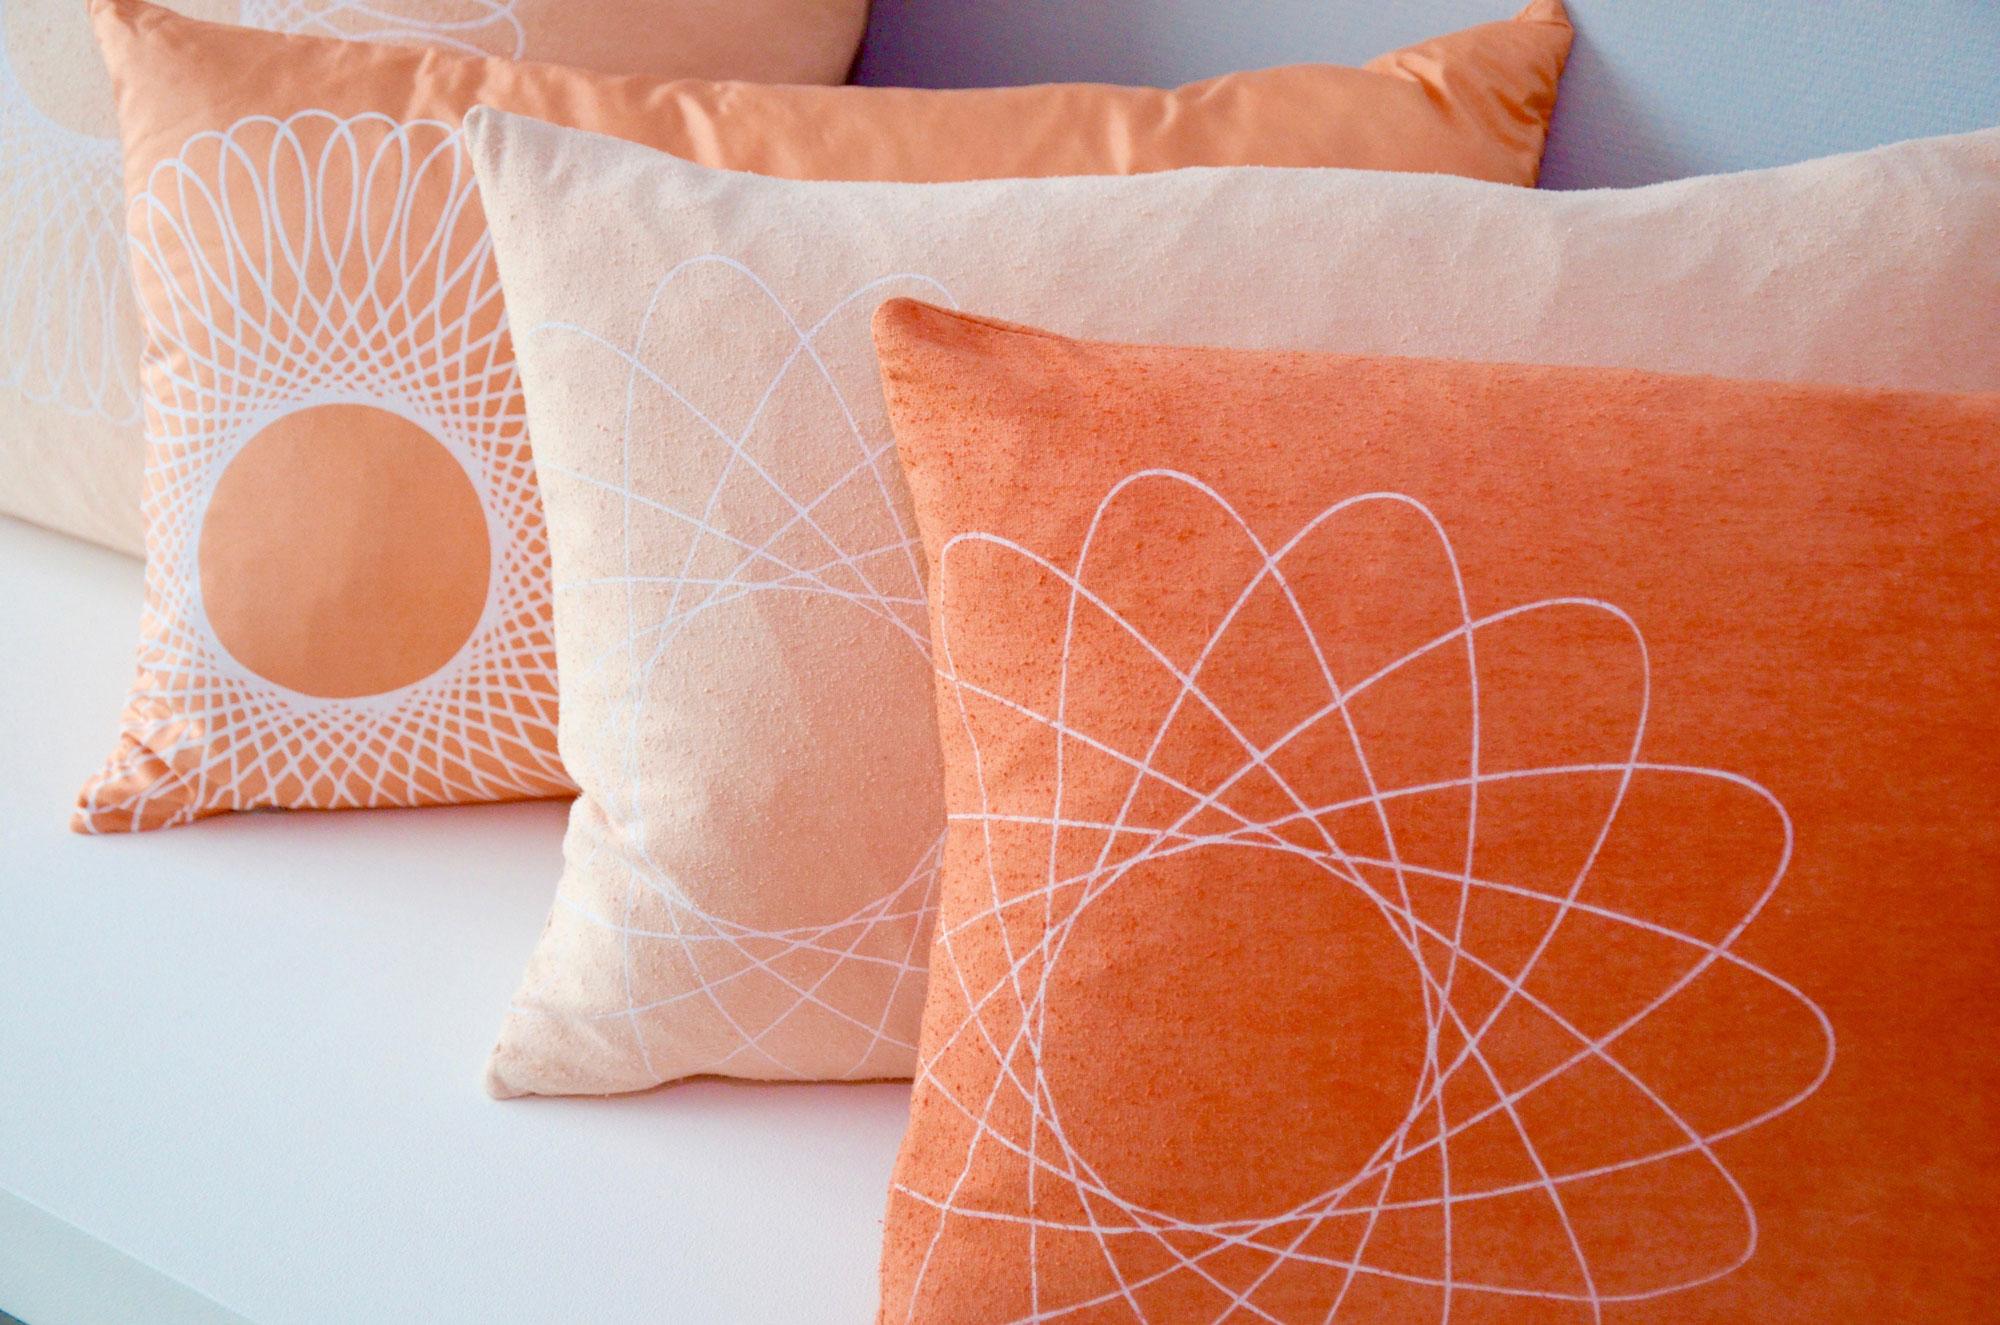 Studio Cotton & Clay - zijde kussens verven met Meekrap